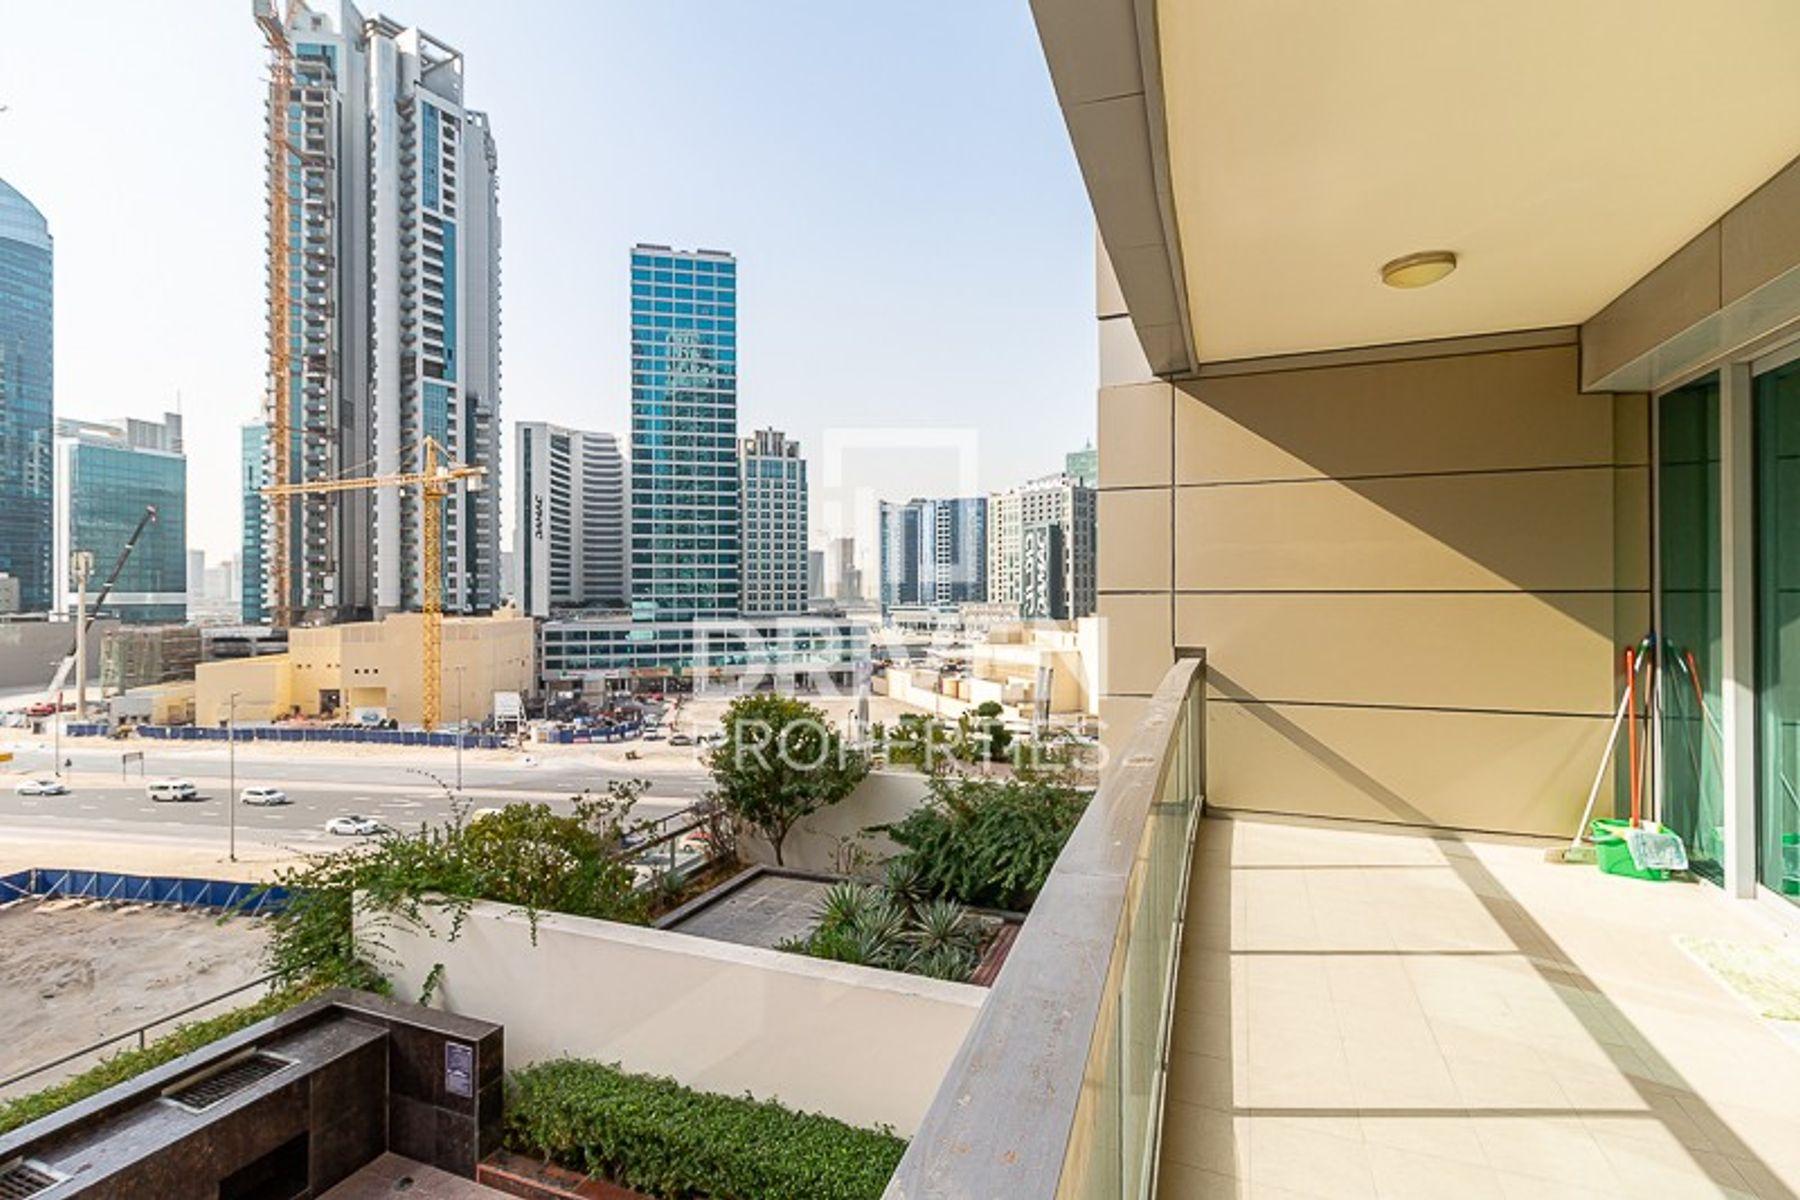 للايجار - شقة - 8 بوليفارد ووك - دبي وسط المدينة